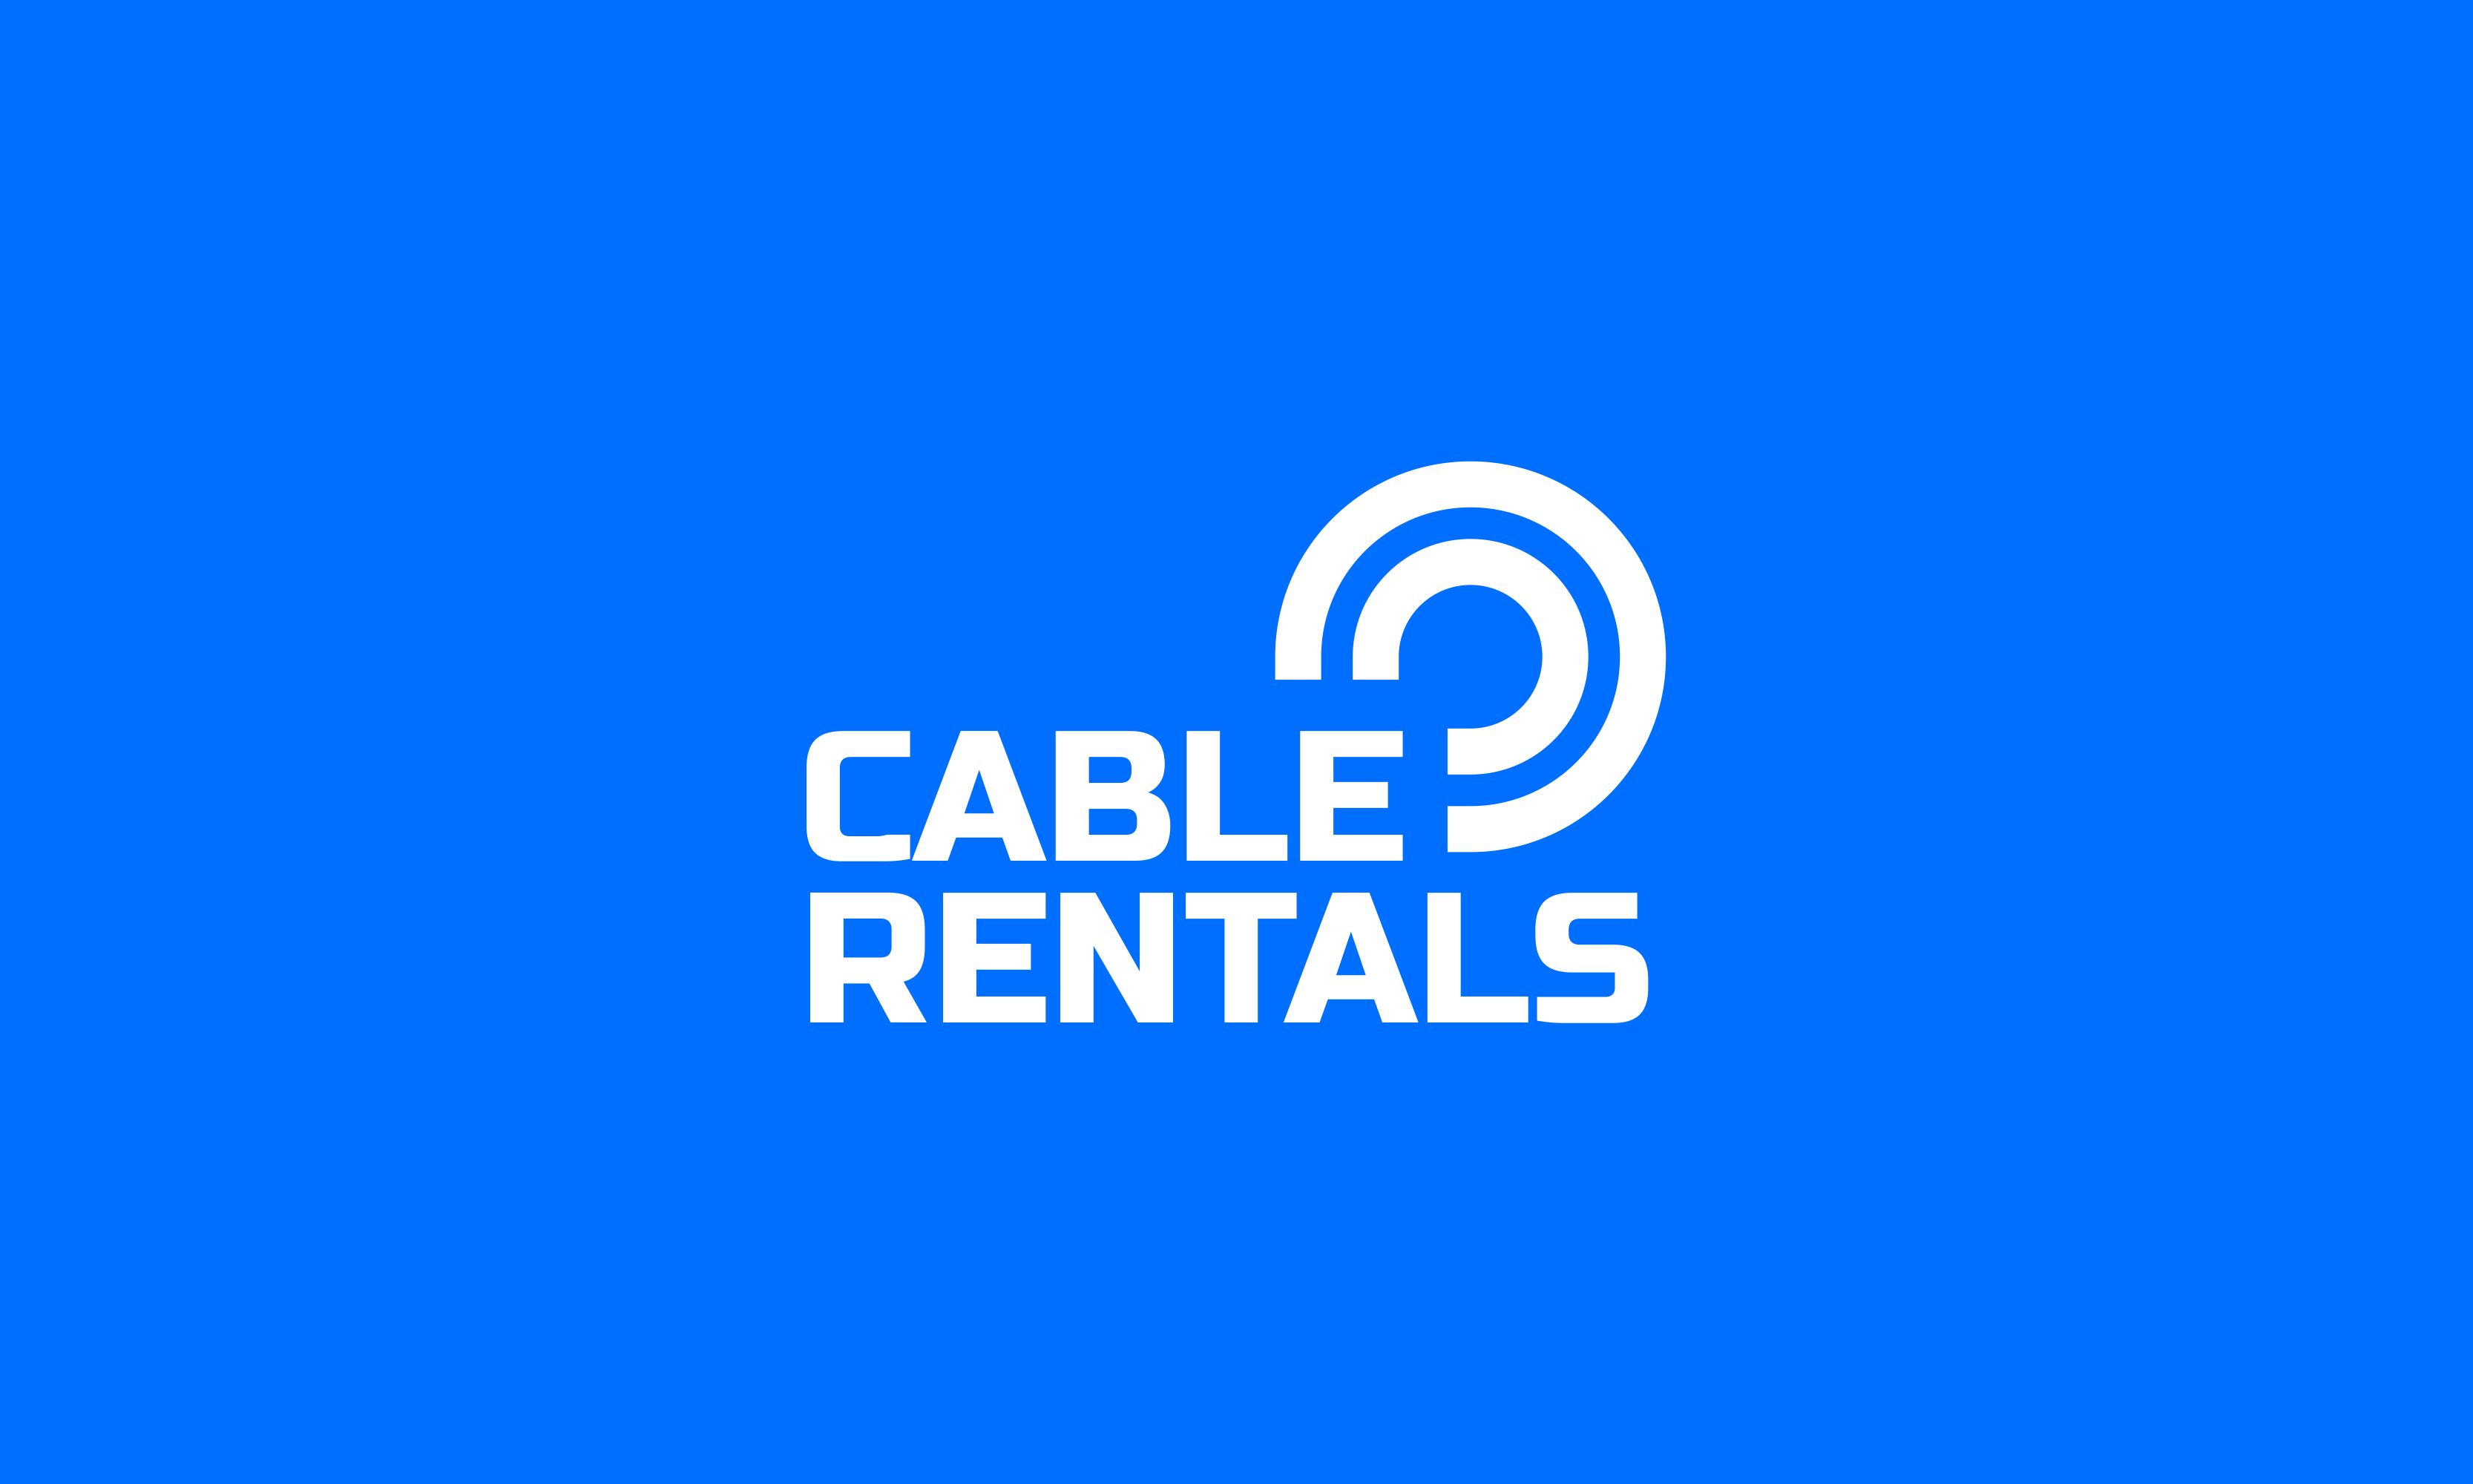 Cablerentals